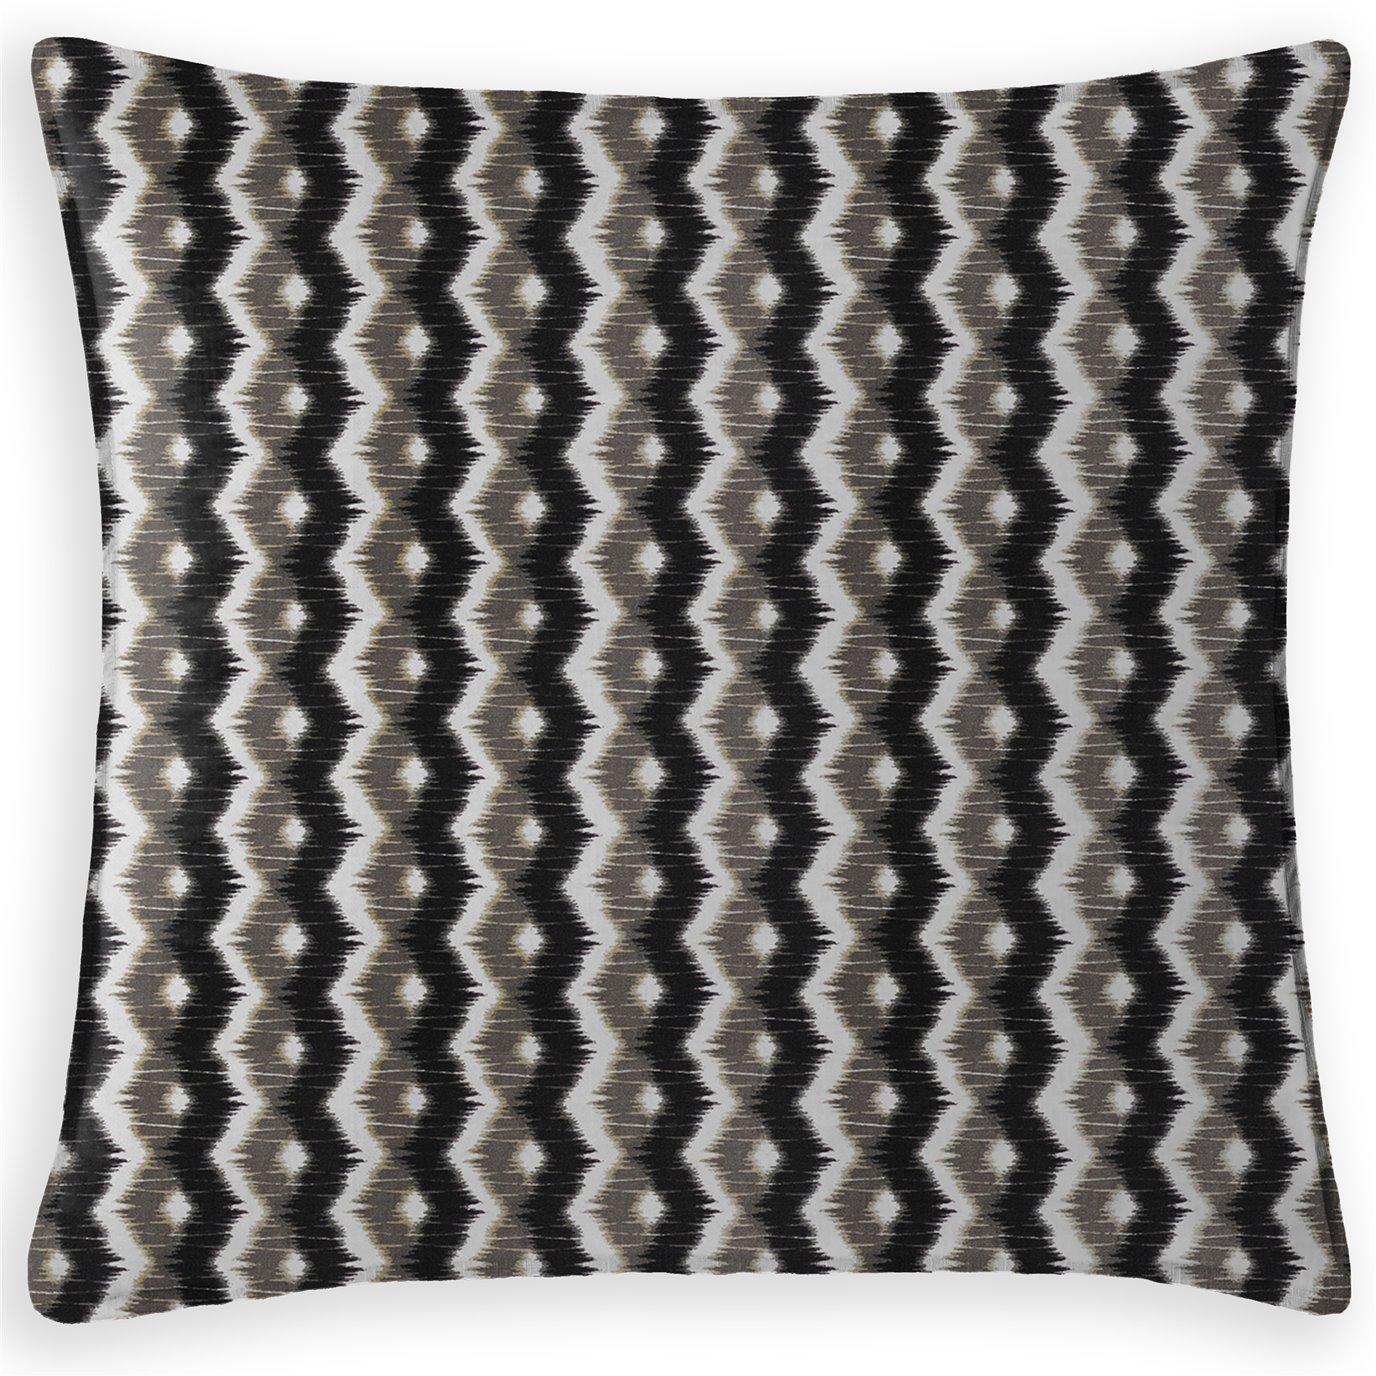 Nelson Coordinate Pillow Sham - Euro